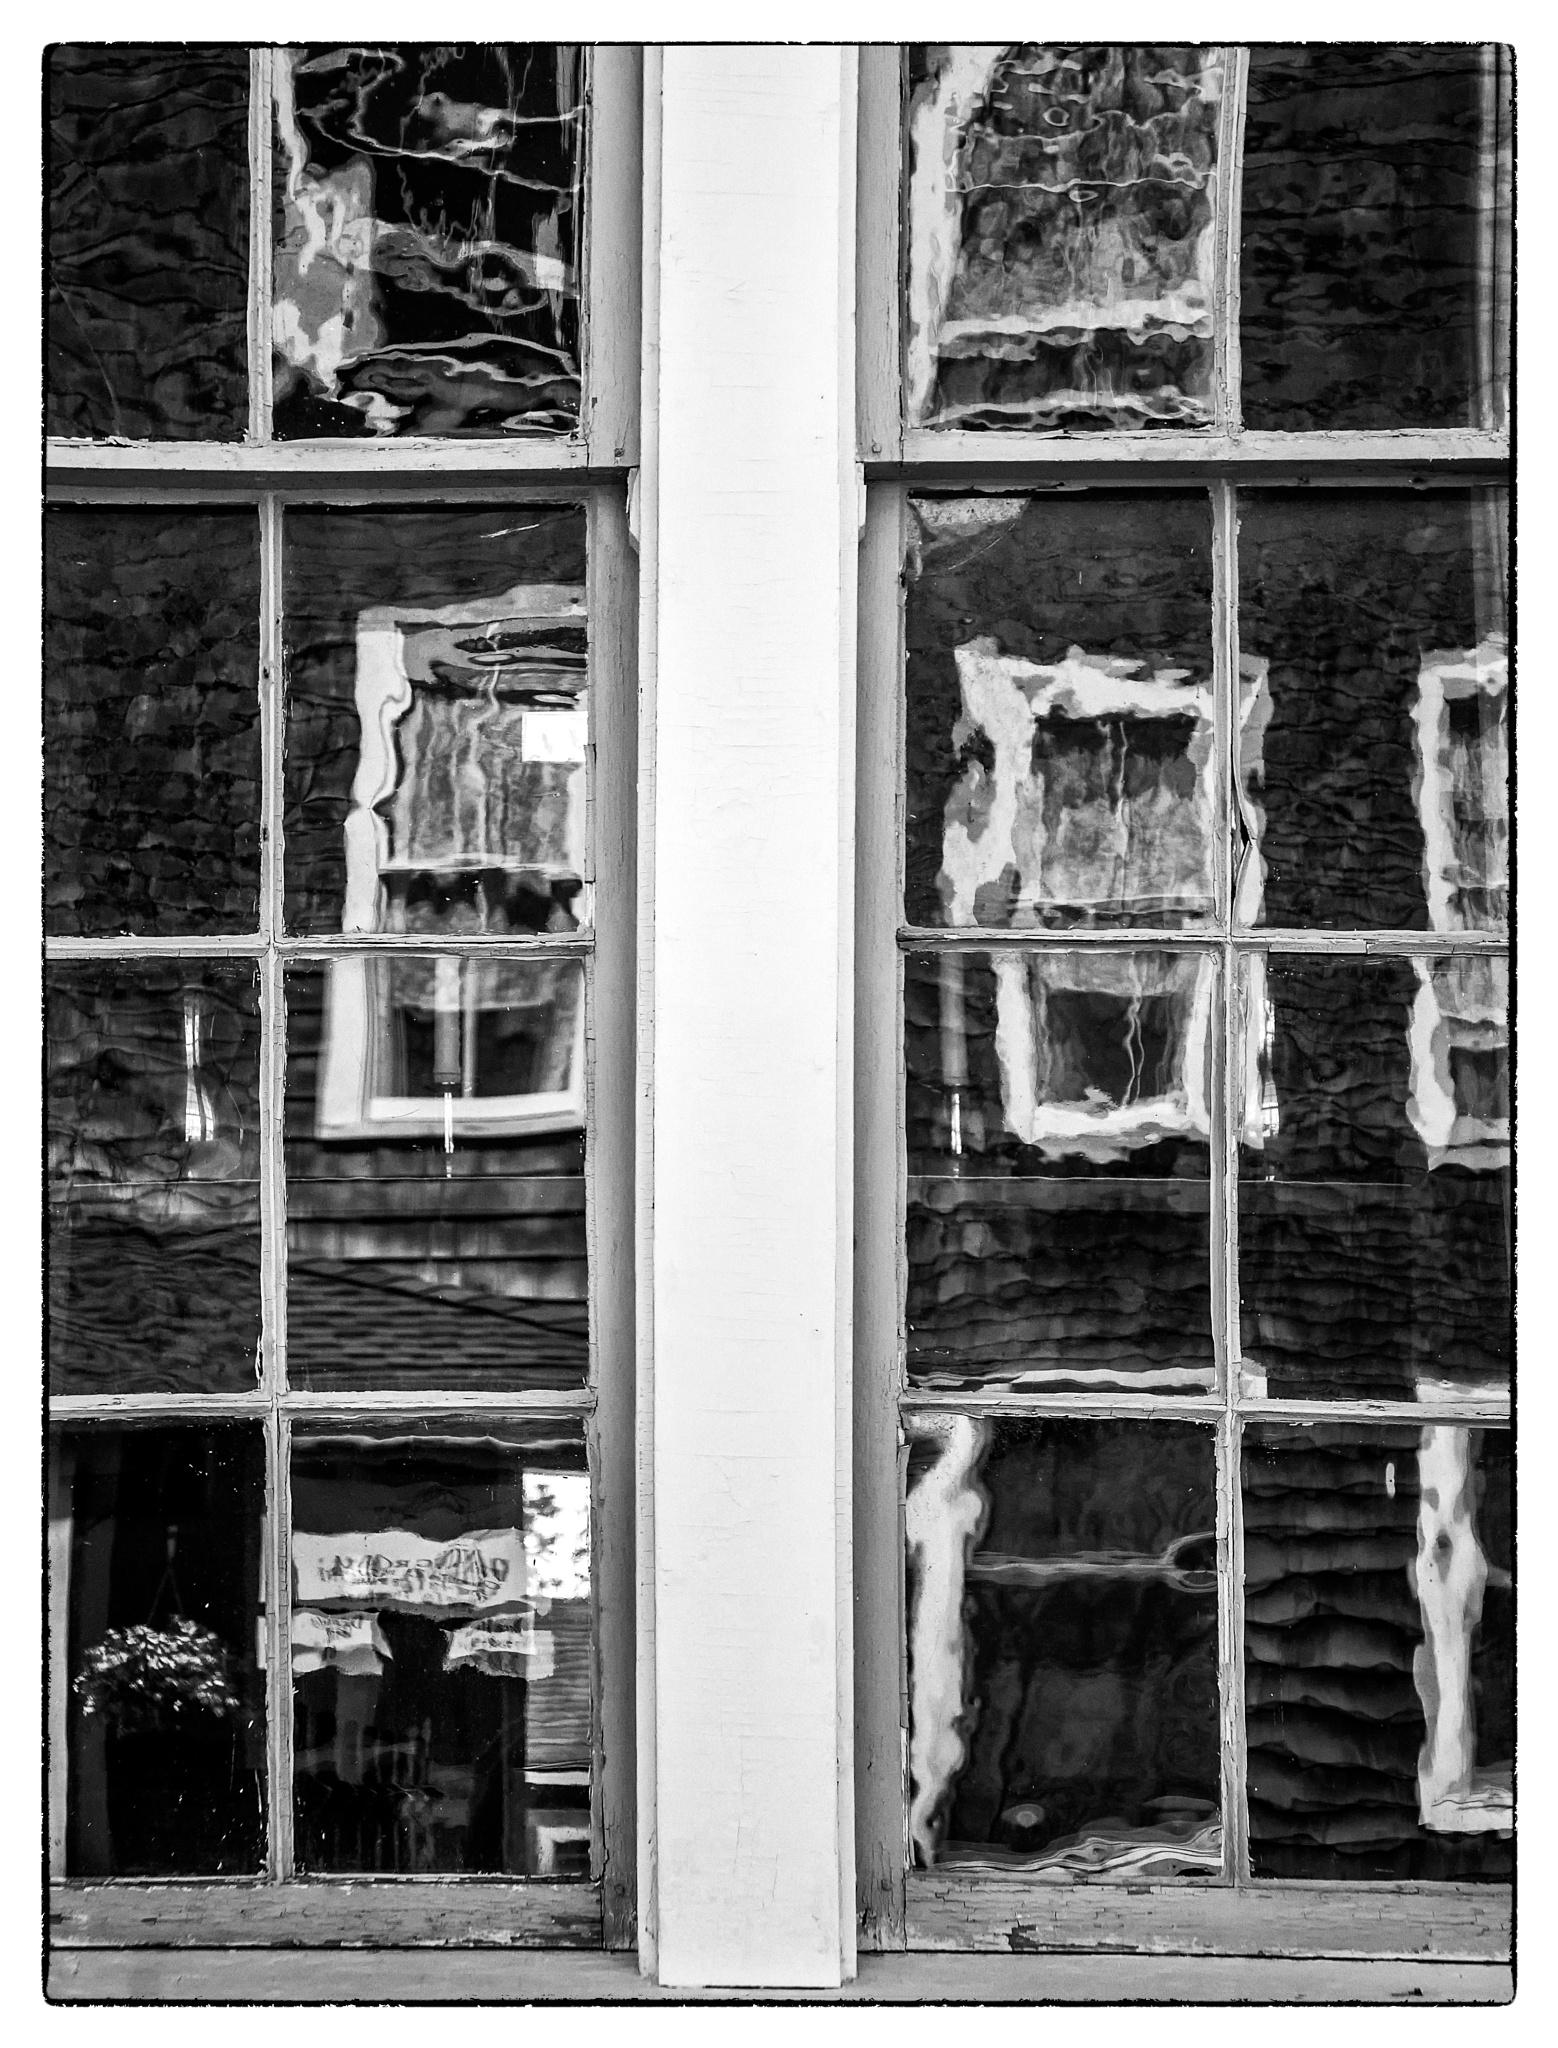 Church window reflecting Monhegan House, Monhegan Island, Maine. June 2016. by Carol-Lynn Rössel